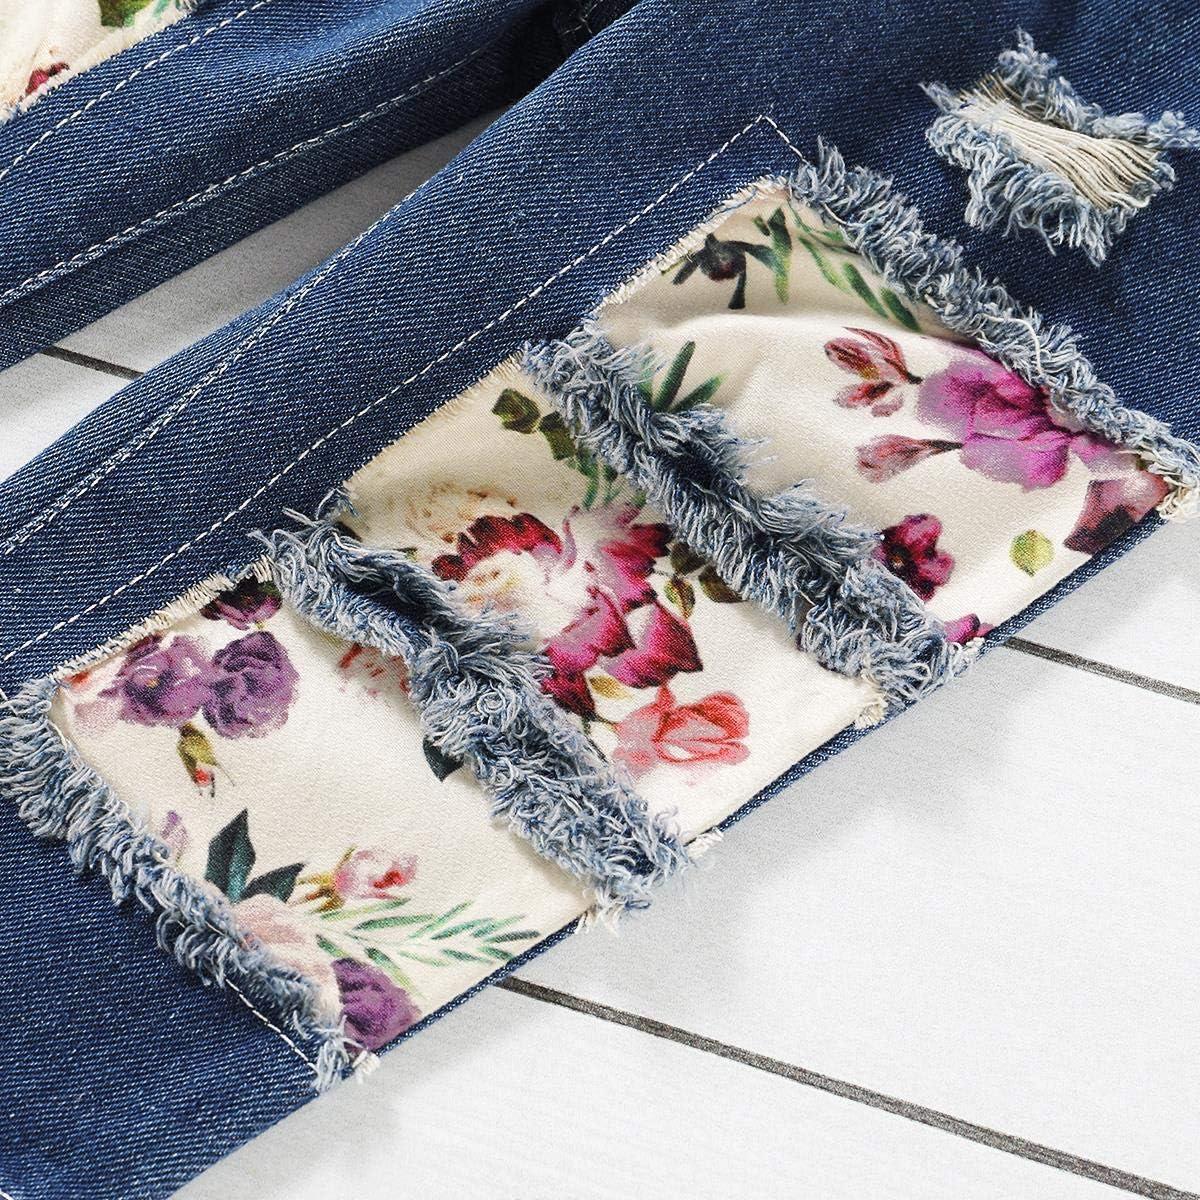 Stirnband 3 St/ück Kleidung Set Kinder Bekleidungsset OBEEII Baby M/ädchen Kleidung Drucken Top Lange Jeans Hosen